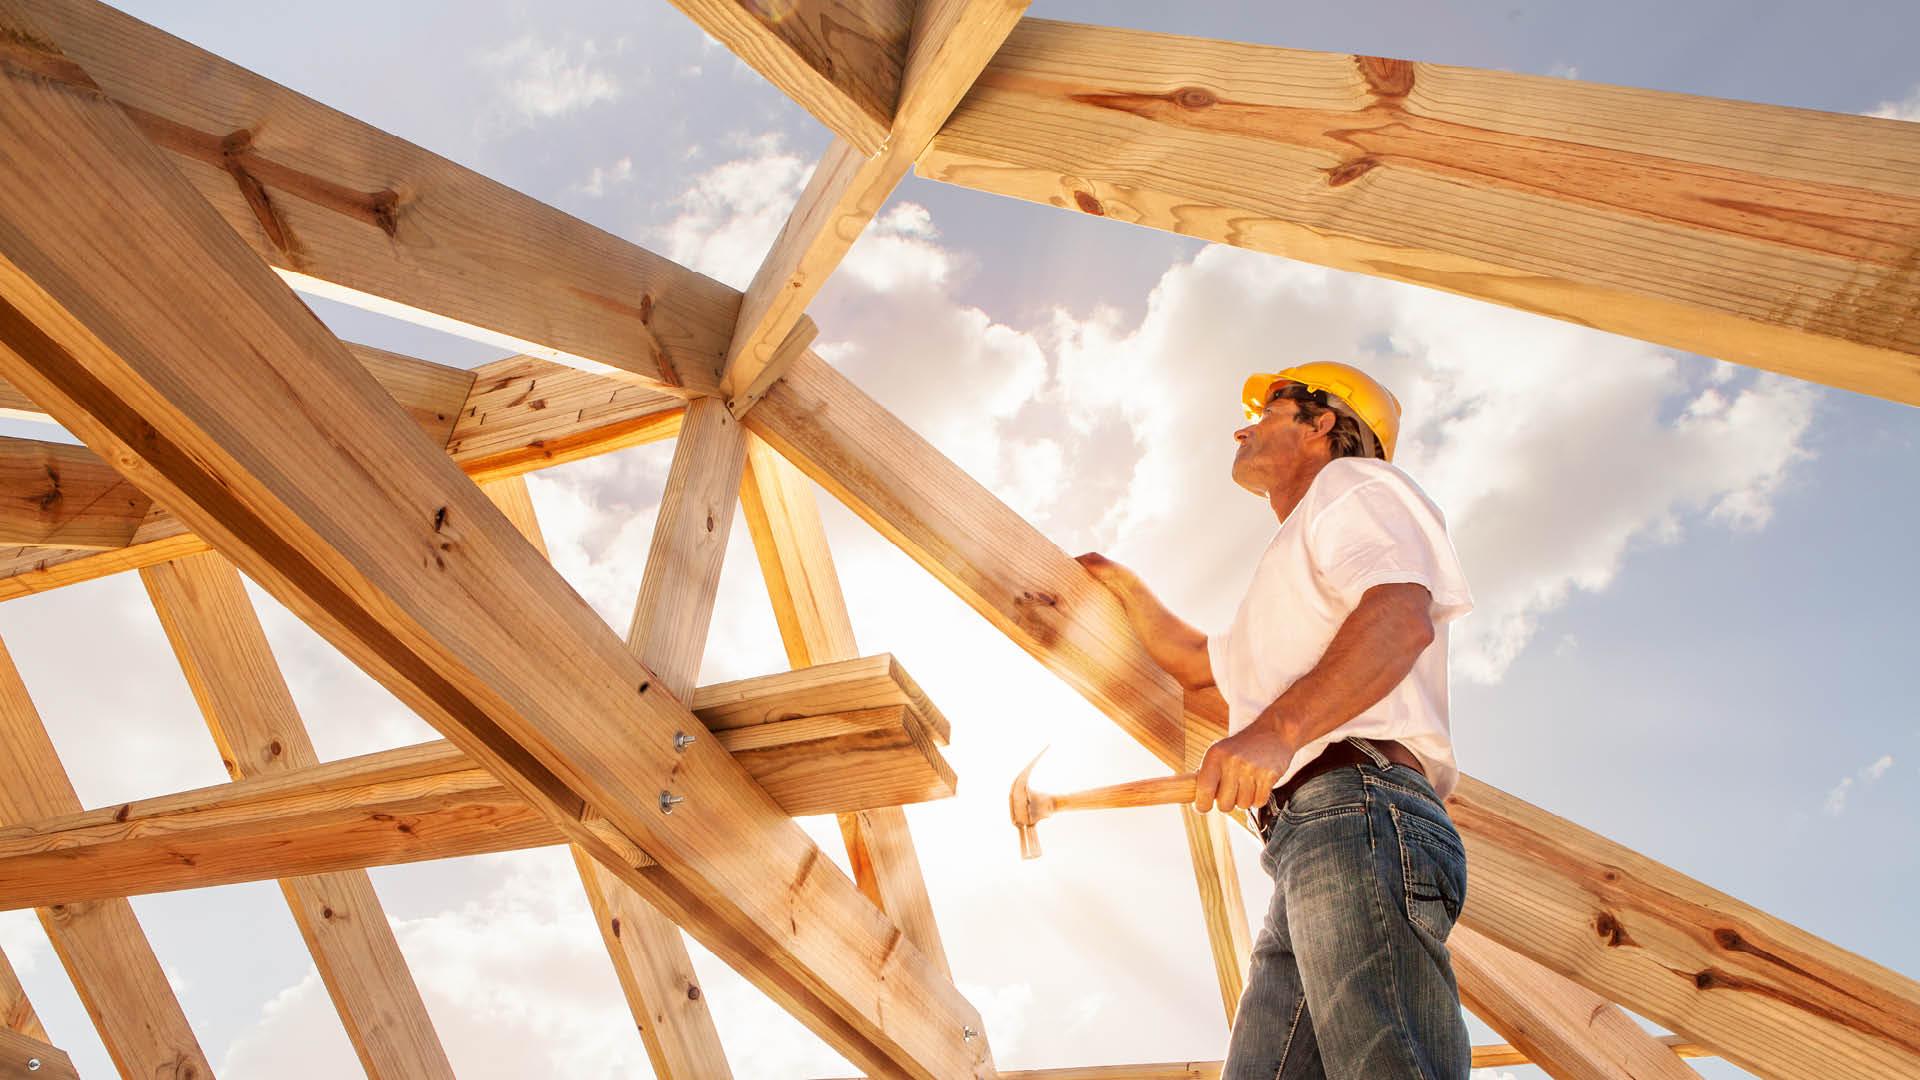 De Wet kwaliteitsborging voor het bouwen (Wkb)